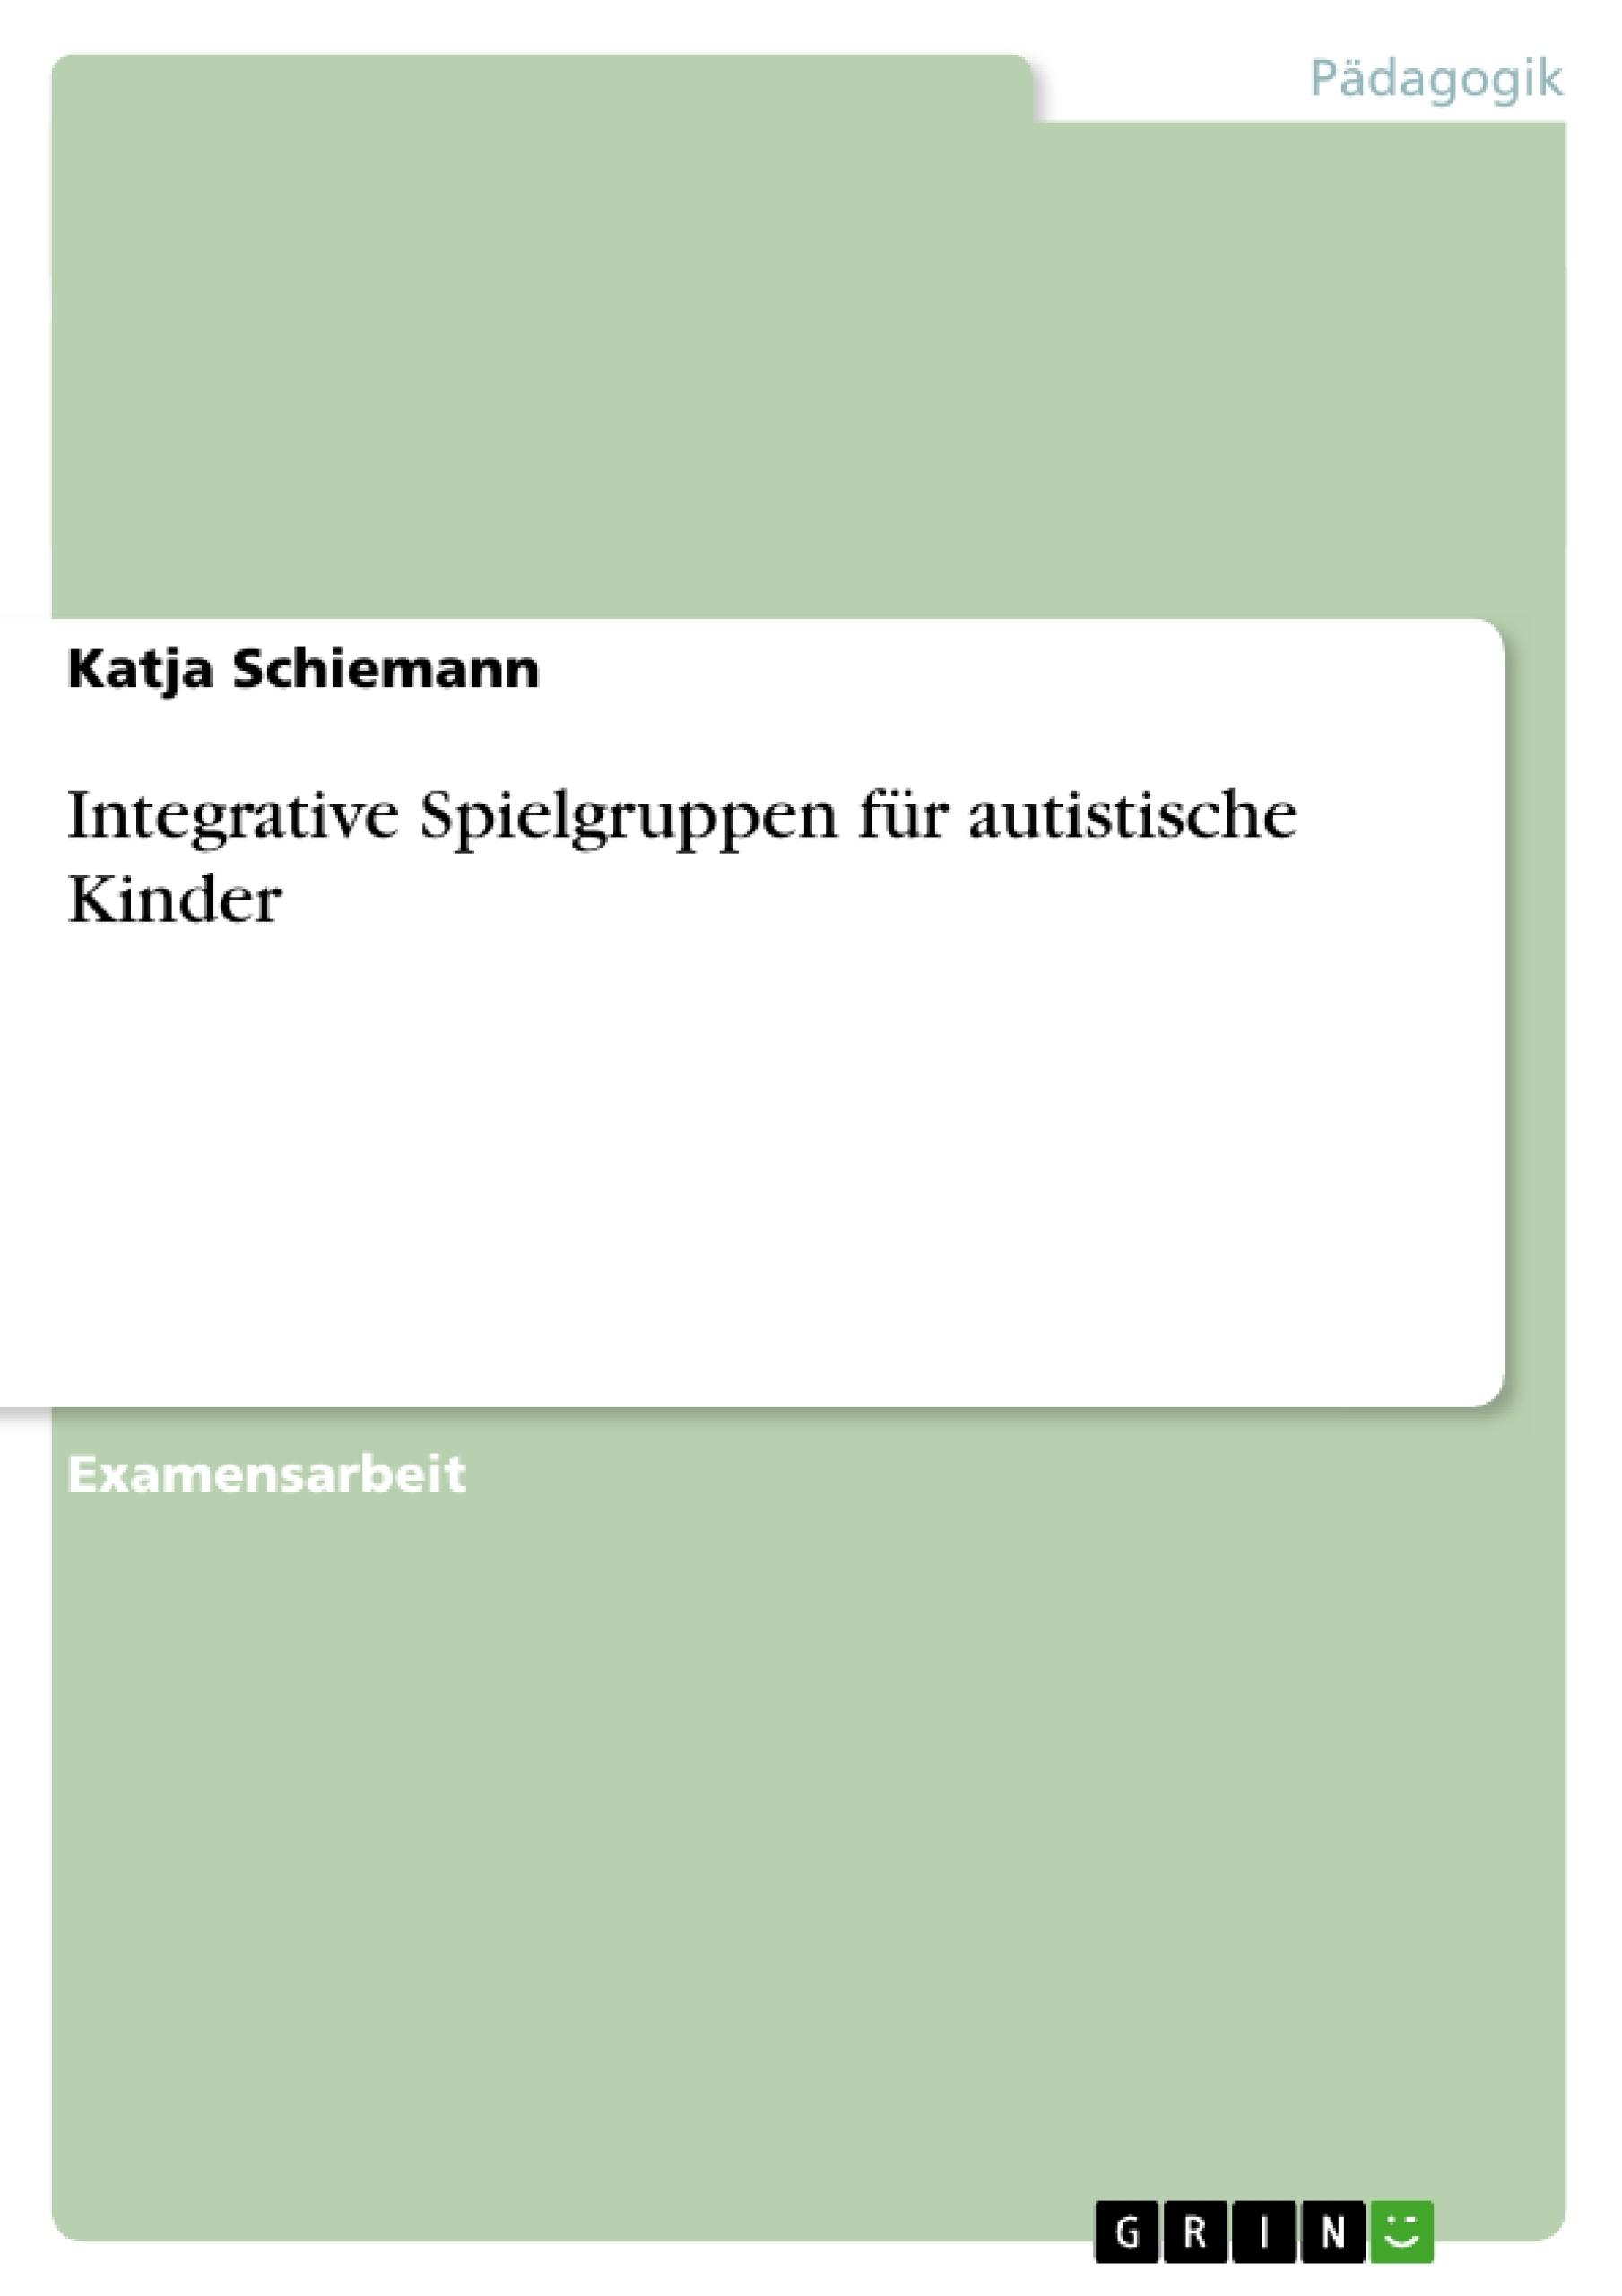 Titel: Integrative Spielgruppen für autistische Kinder